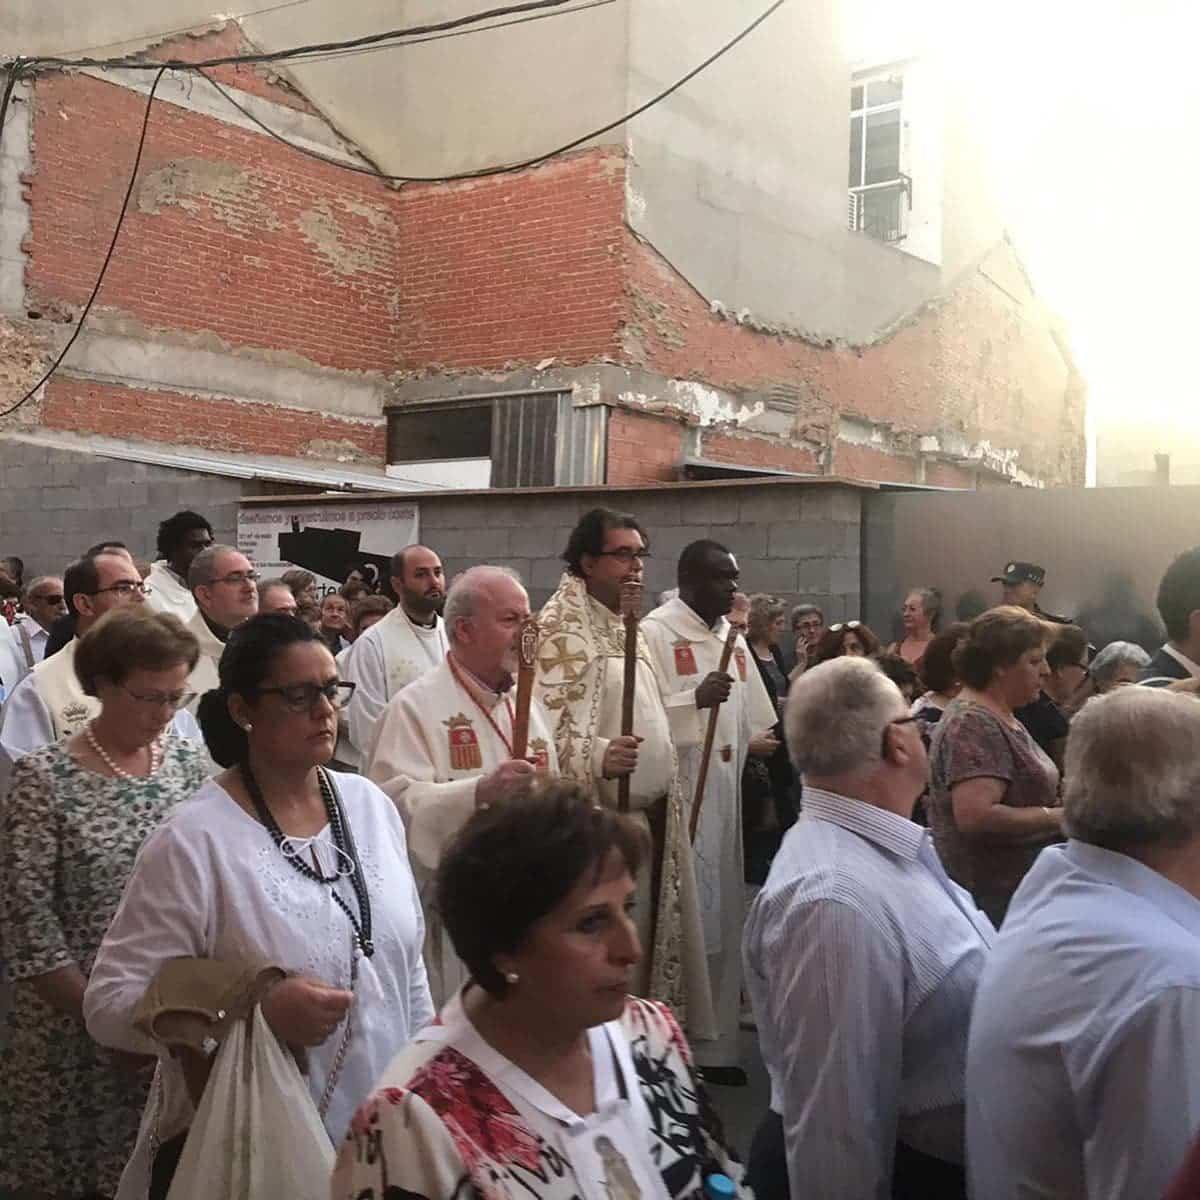 magna procesion feria fiestas 2019 herencia 2 - Magna procesión de nuestra Santísima Madre cierra la Feria y Fiestas herenciana